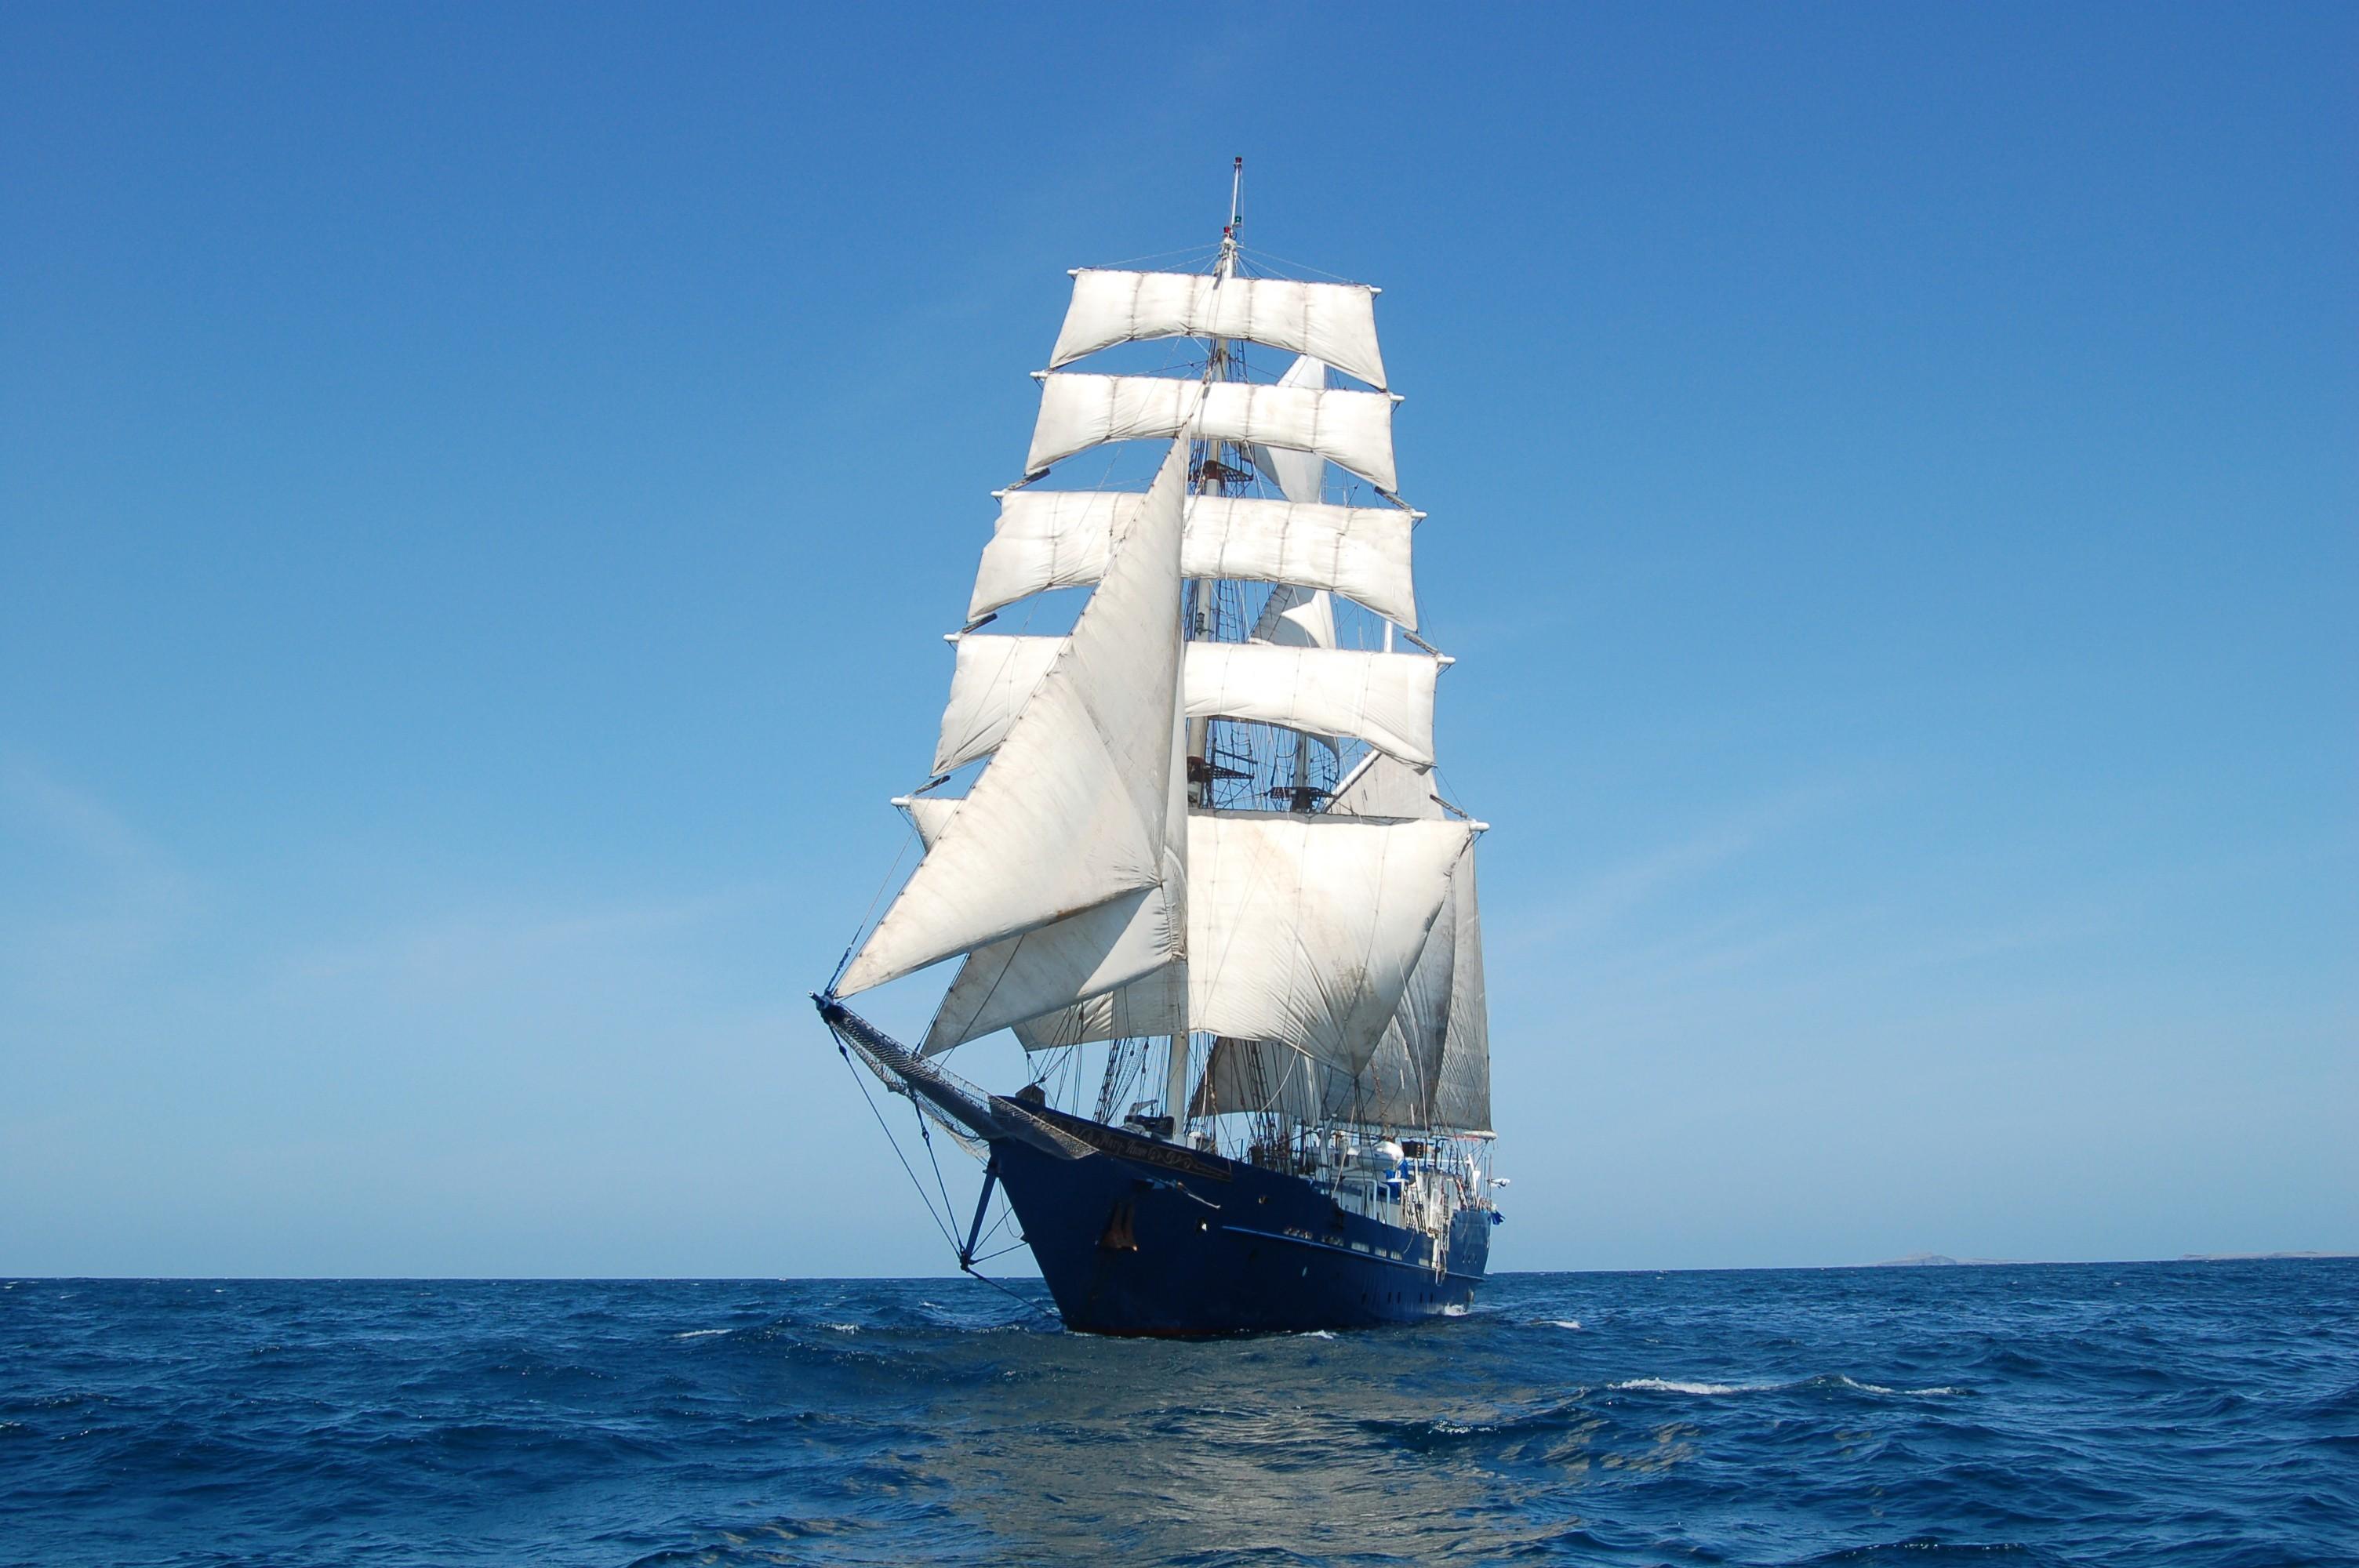 Sailing ship at sea - Download Hd Sailing ship at sea wallpaper for ...